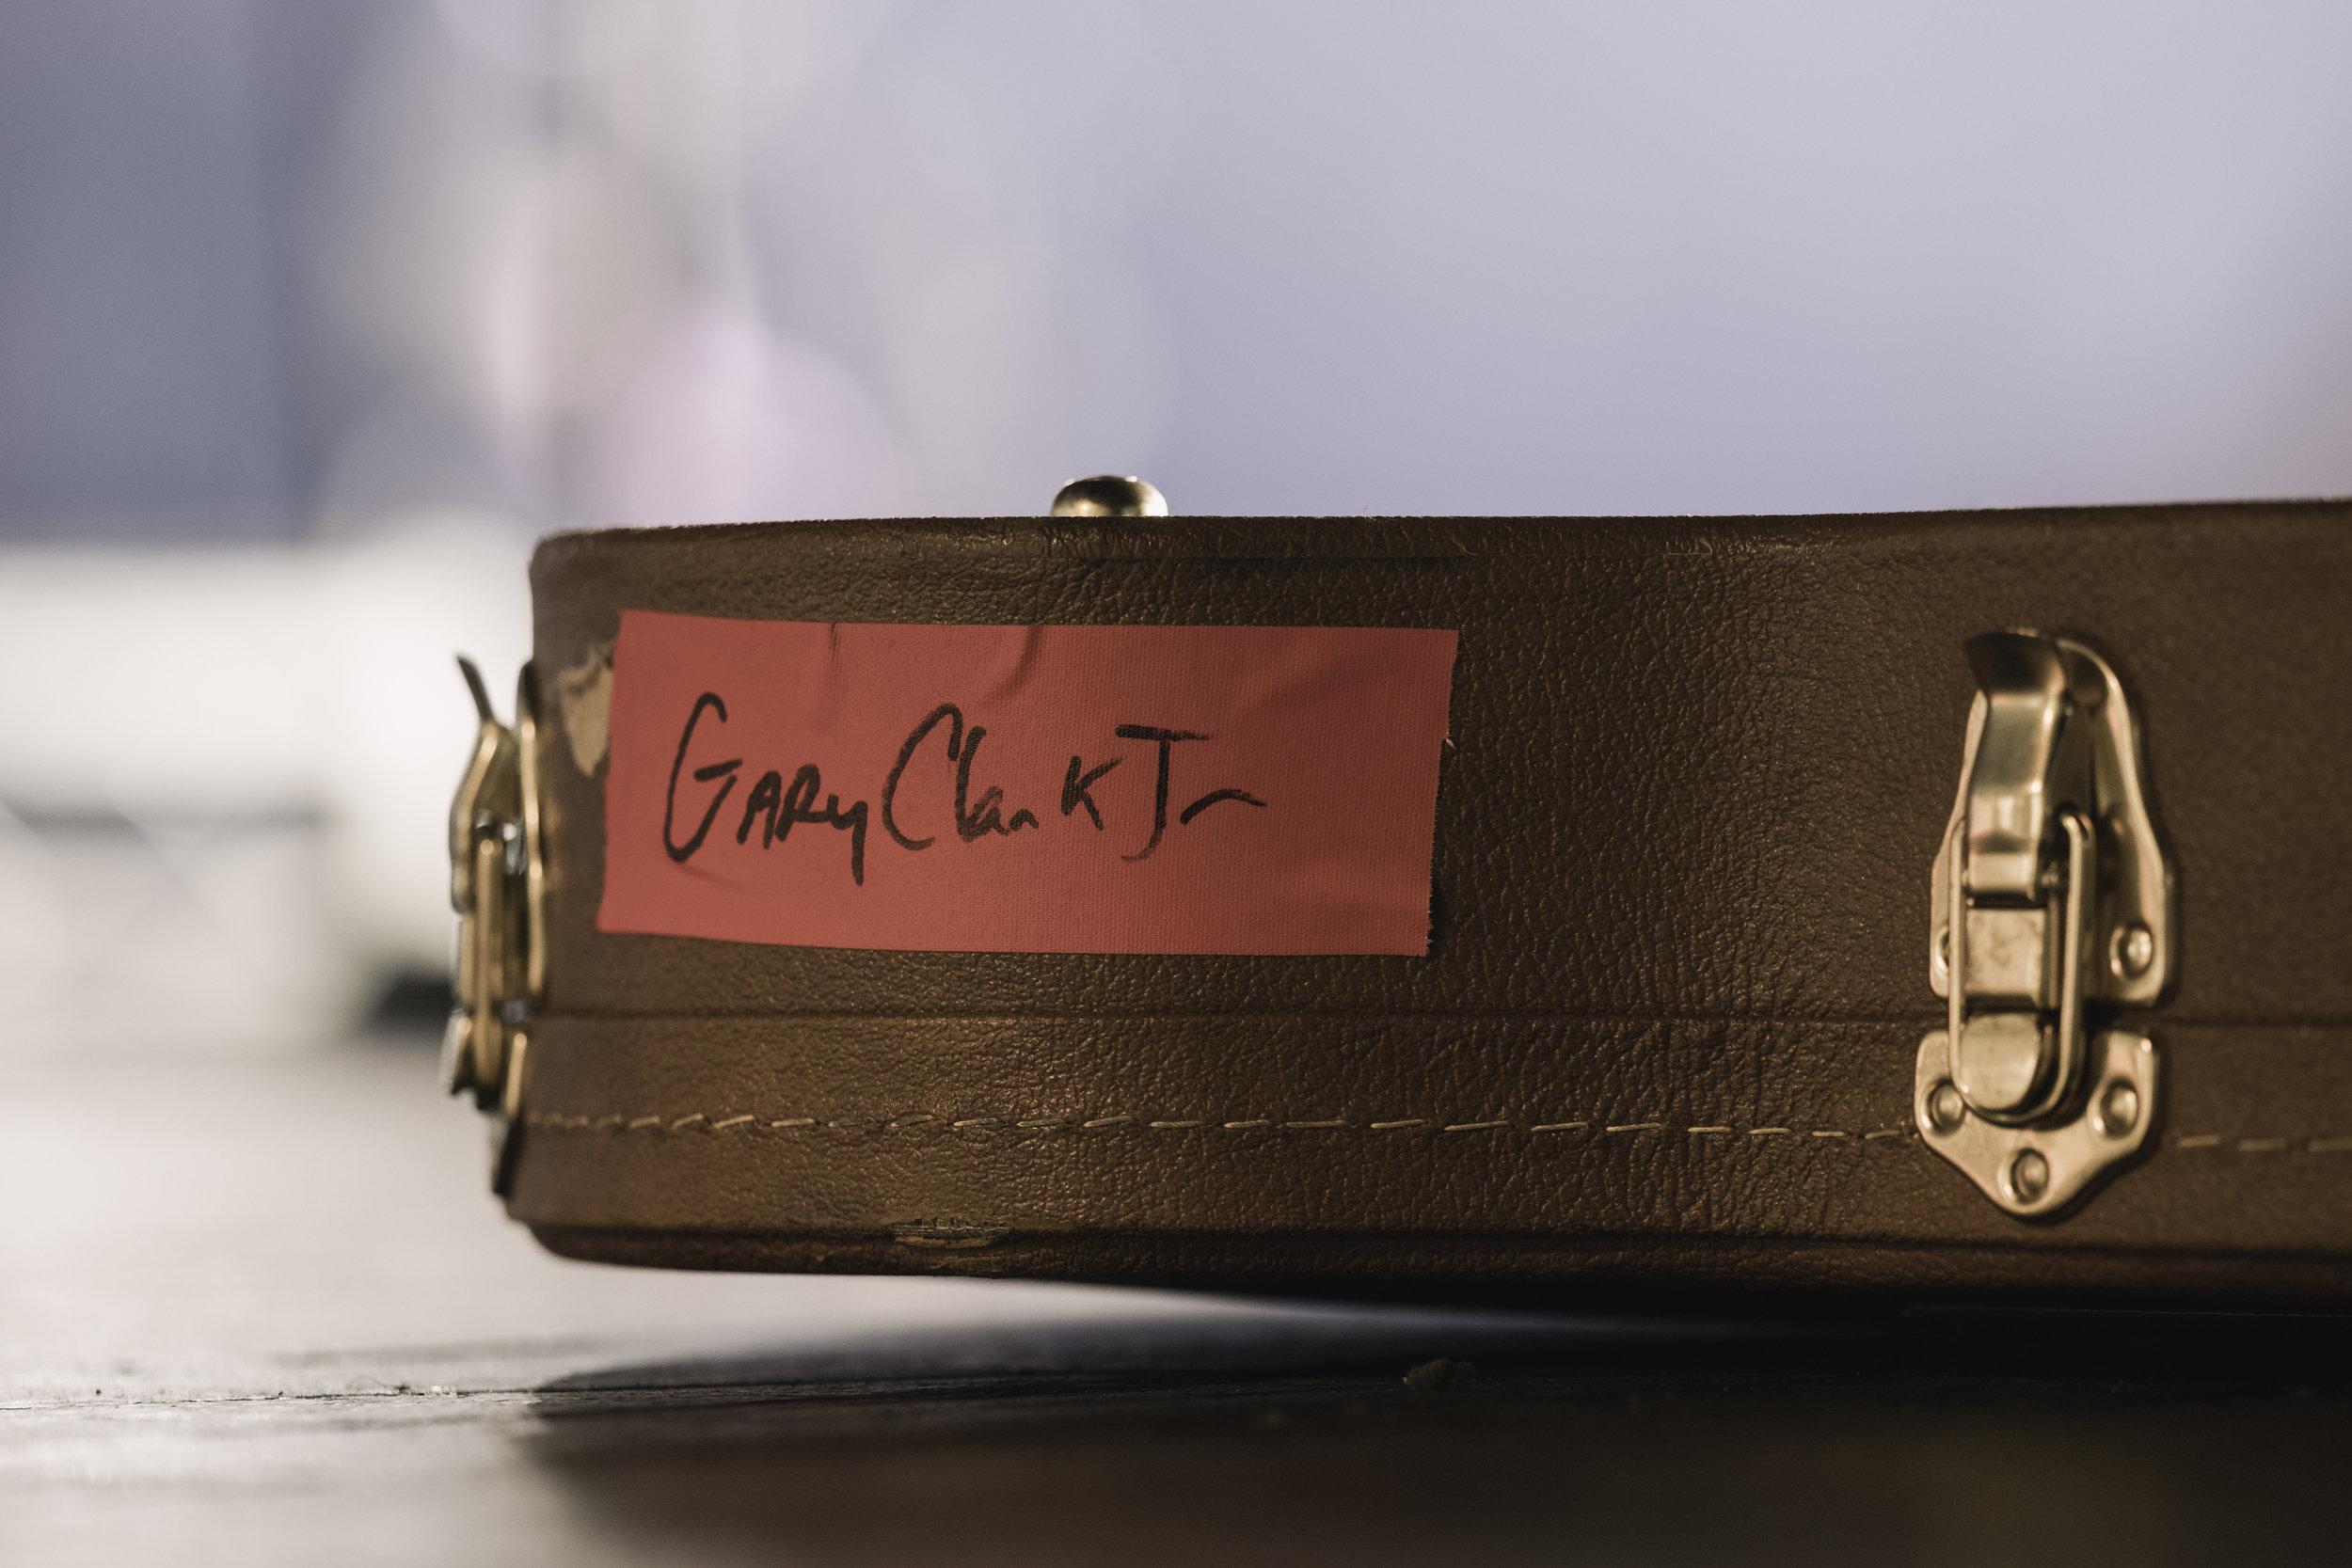 Gary Clark Jr Guitar Case